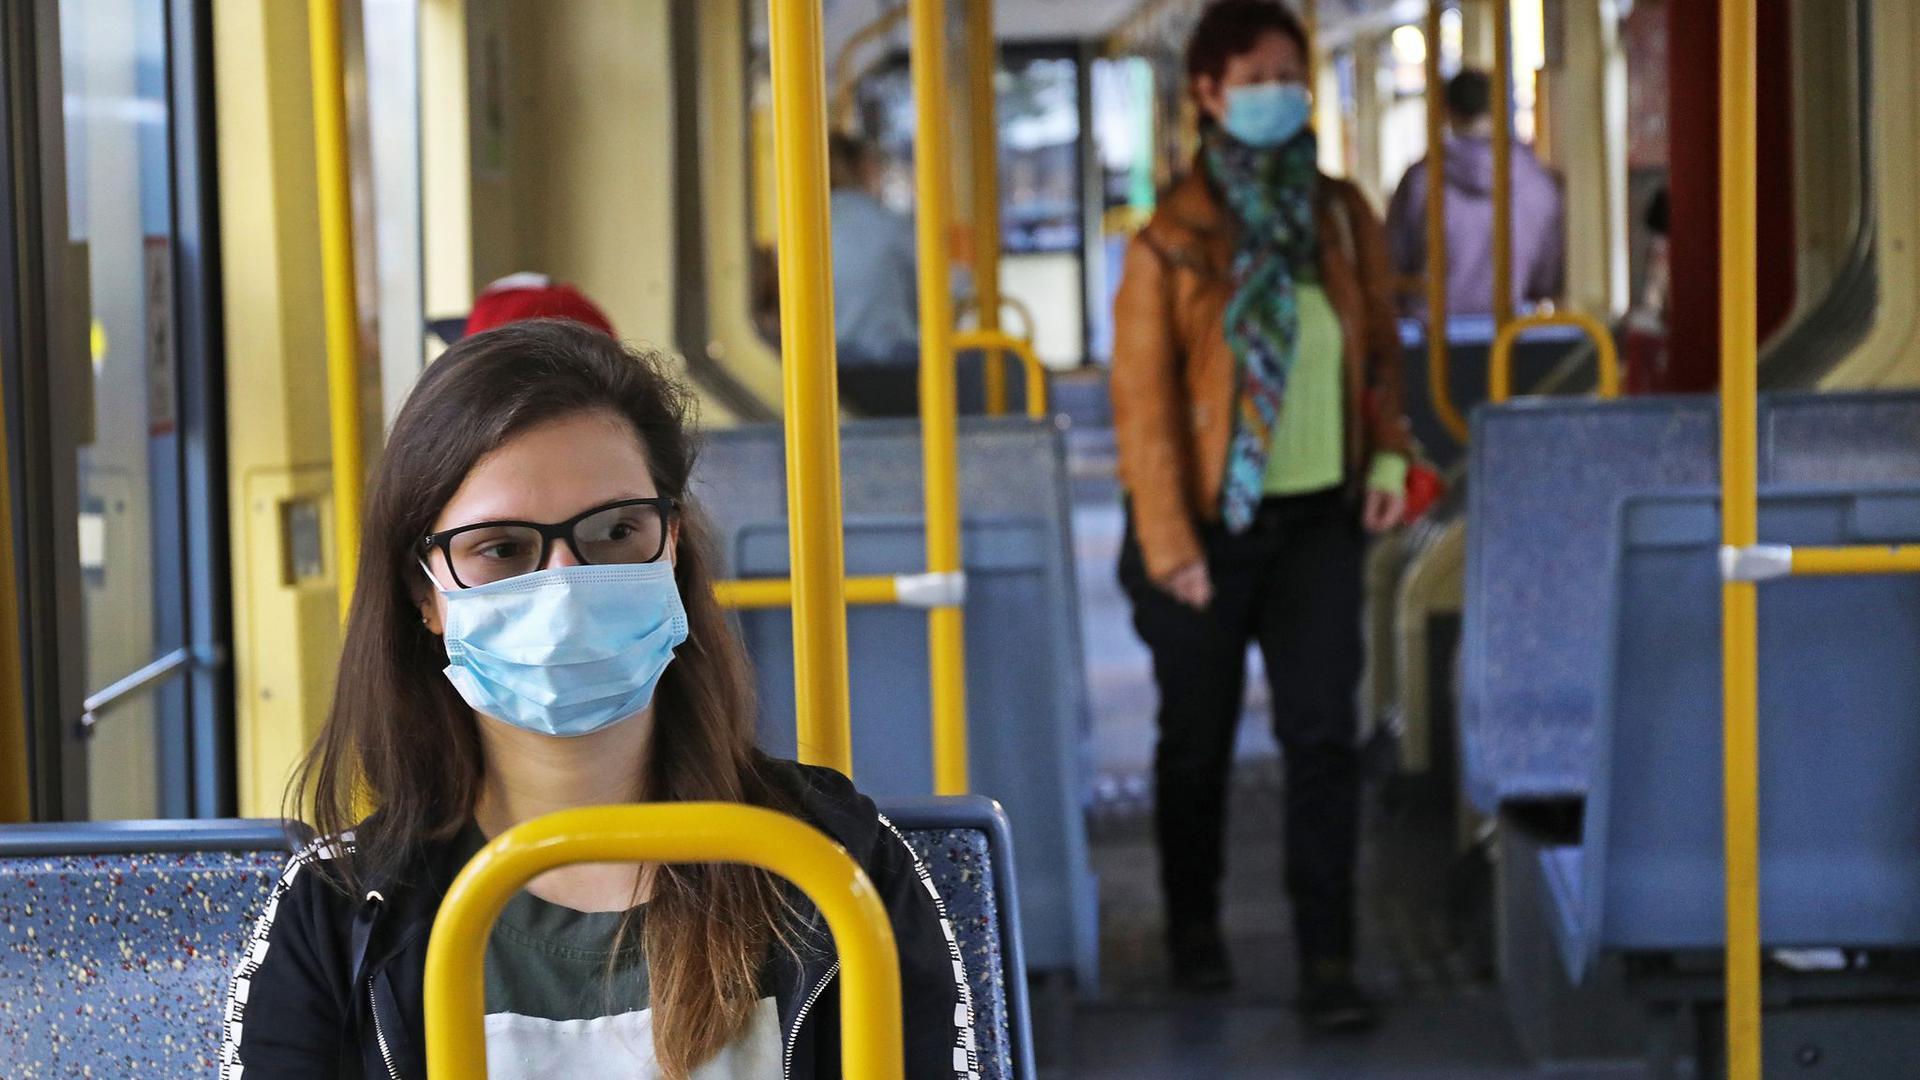 Fahrgäste einer Kölner Stadtbahn tragen Schutzmasken.